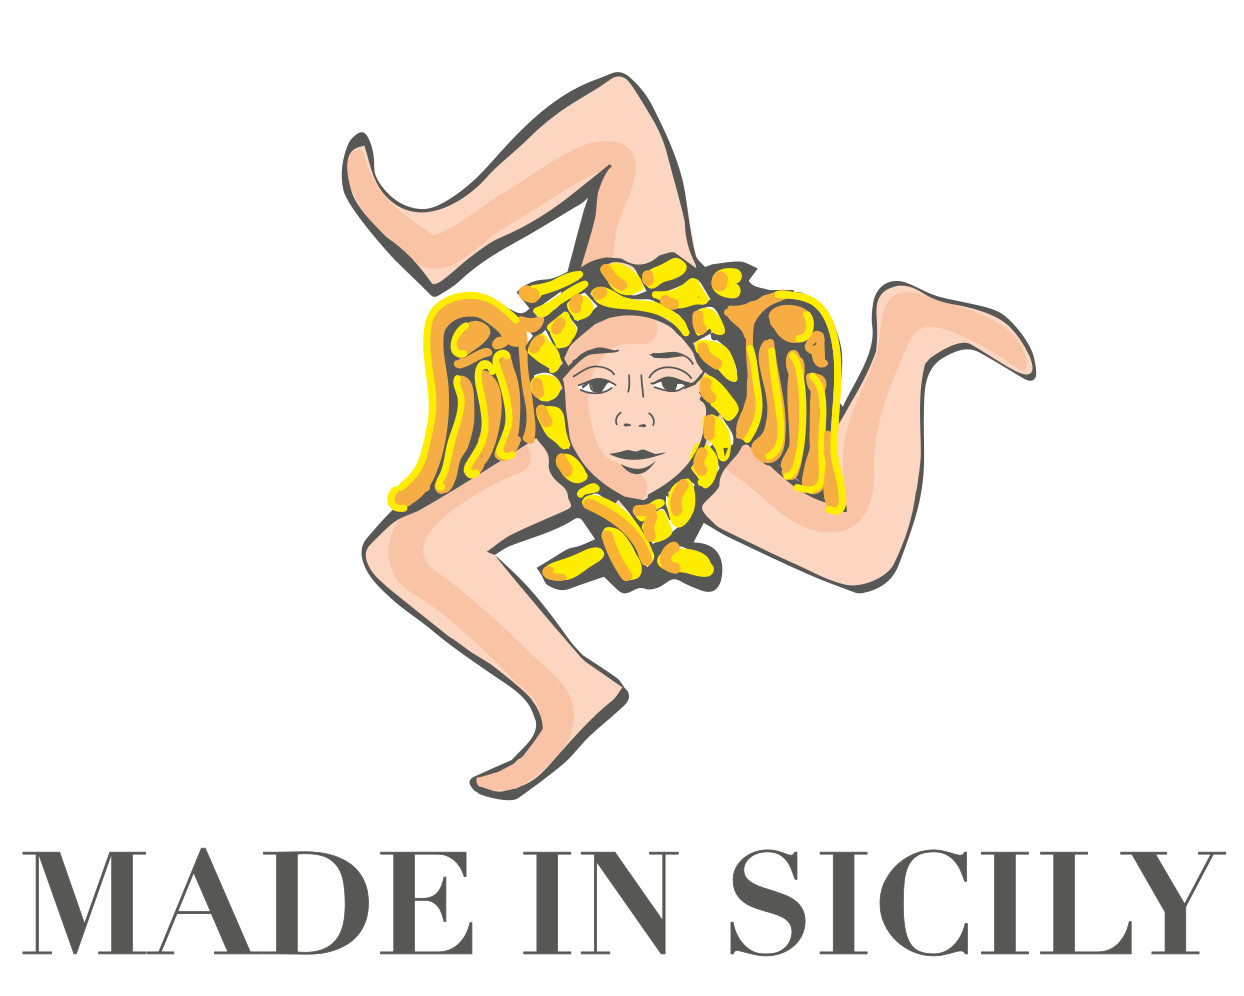 Acquista online Borse Tipiche Siciliane, Coffe Siciliane, Scarpe Artigianali Siciliane e  Accessori Moda Artigianali Siciliani